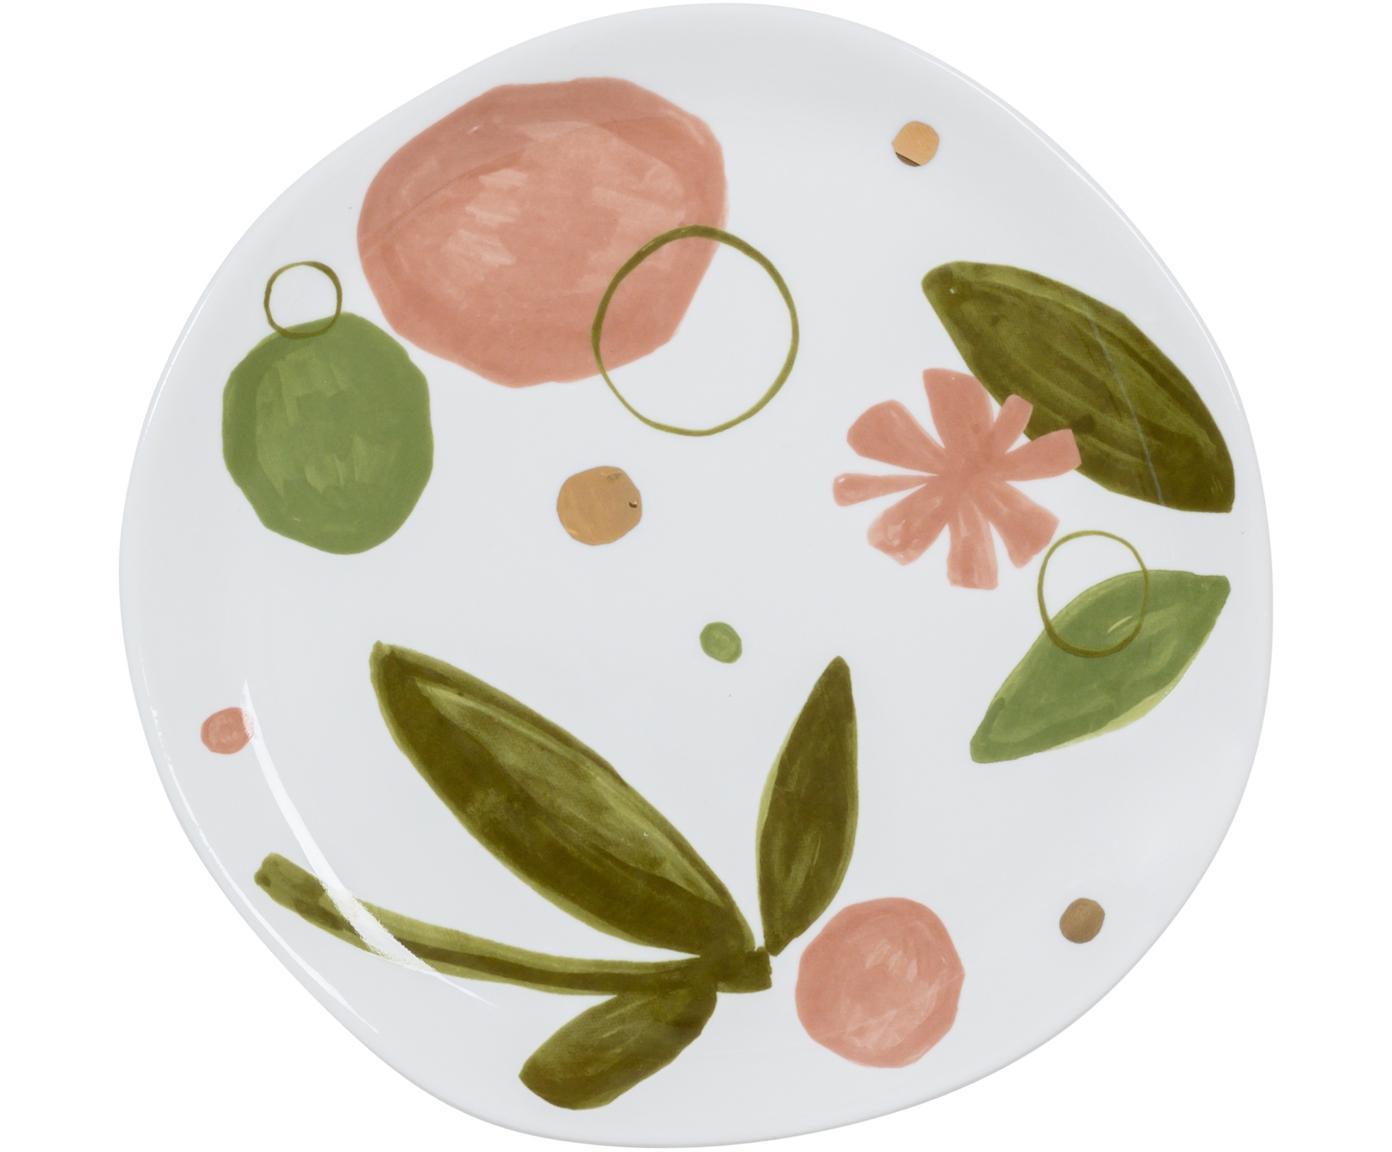 Plato postre Expressive, Porcelana New Bone, Blanco, rosa, verde, dorado, Ø 17 cm